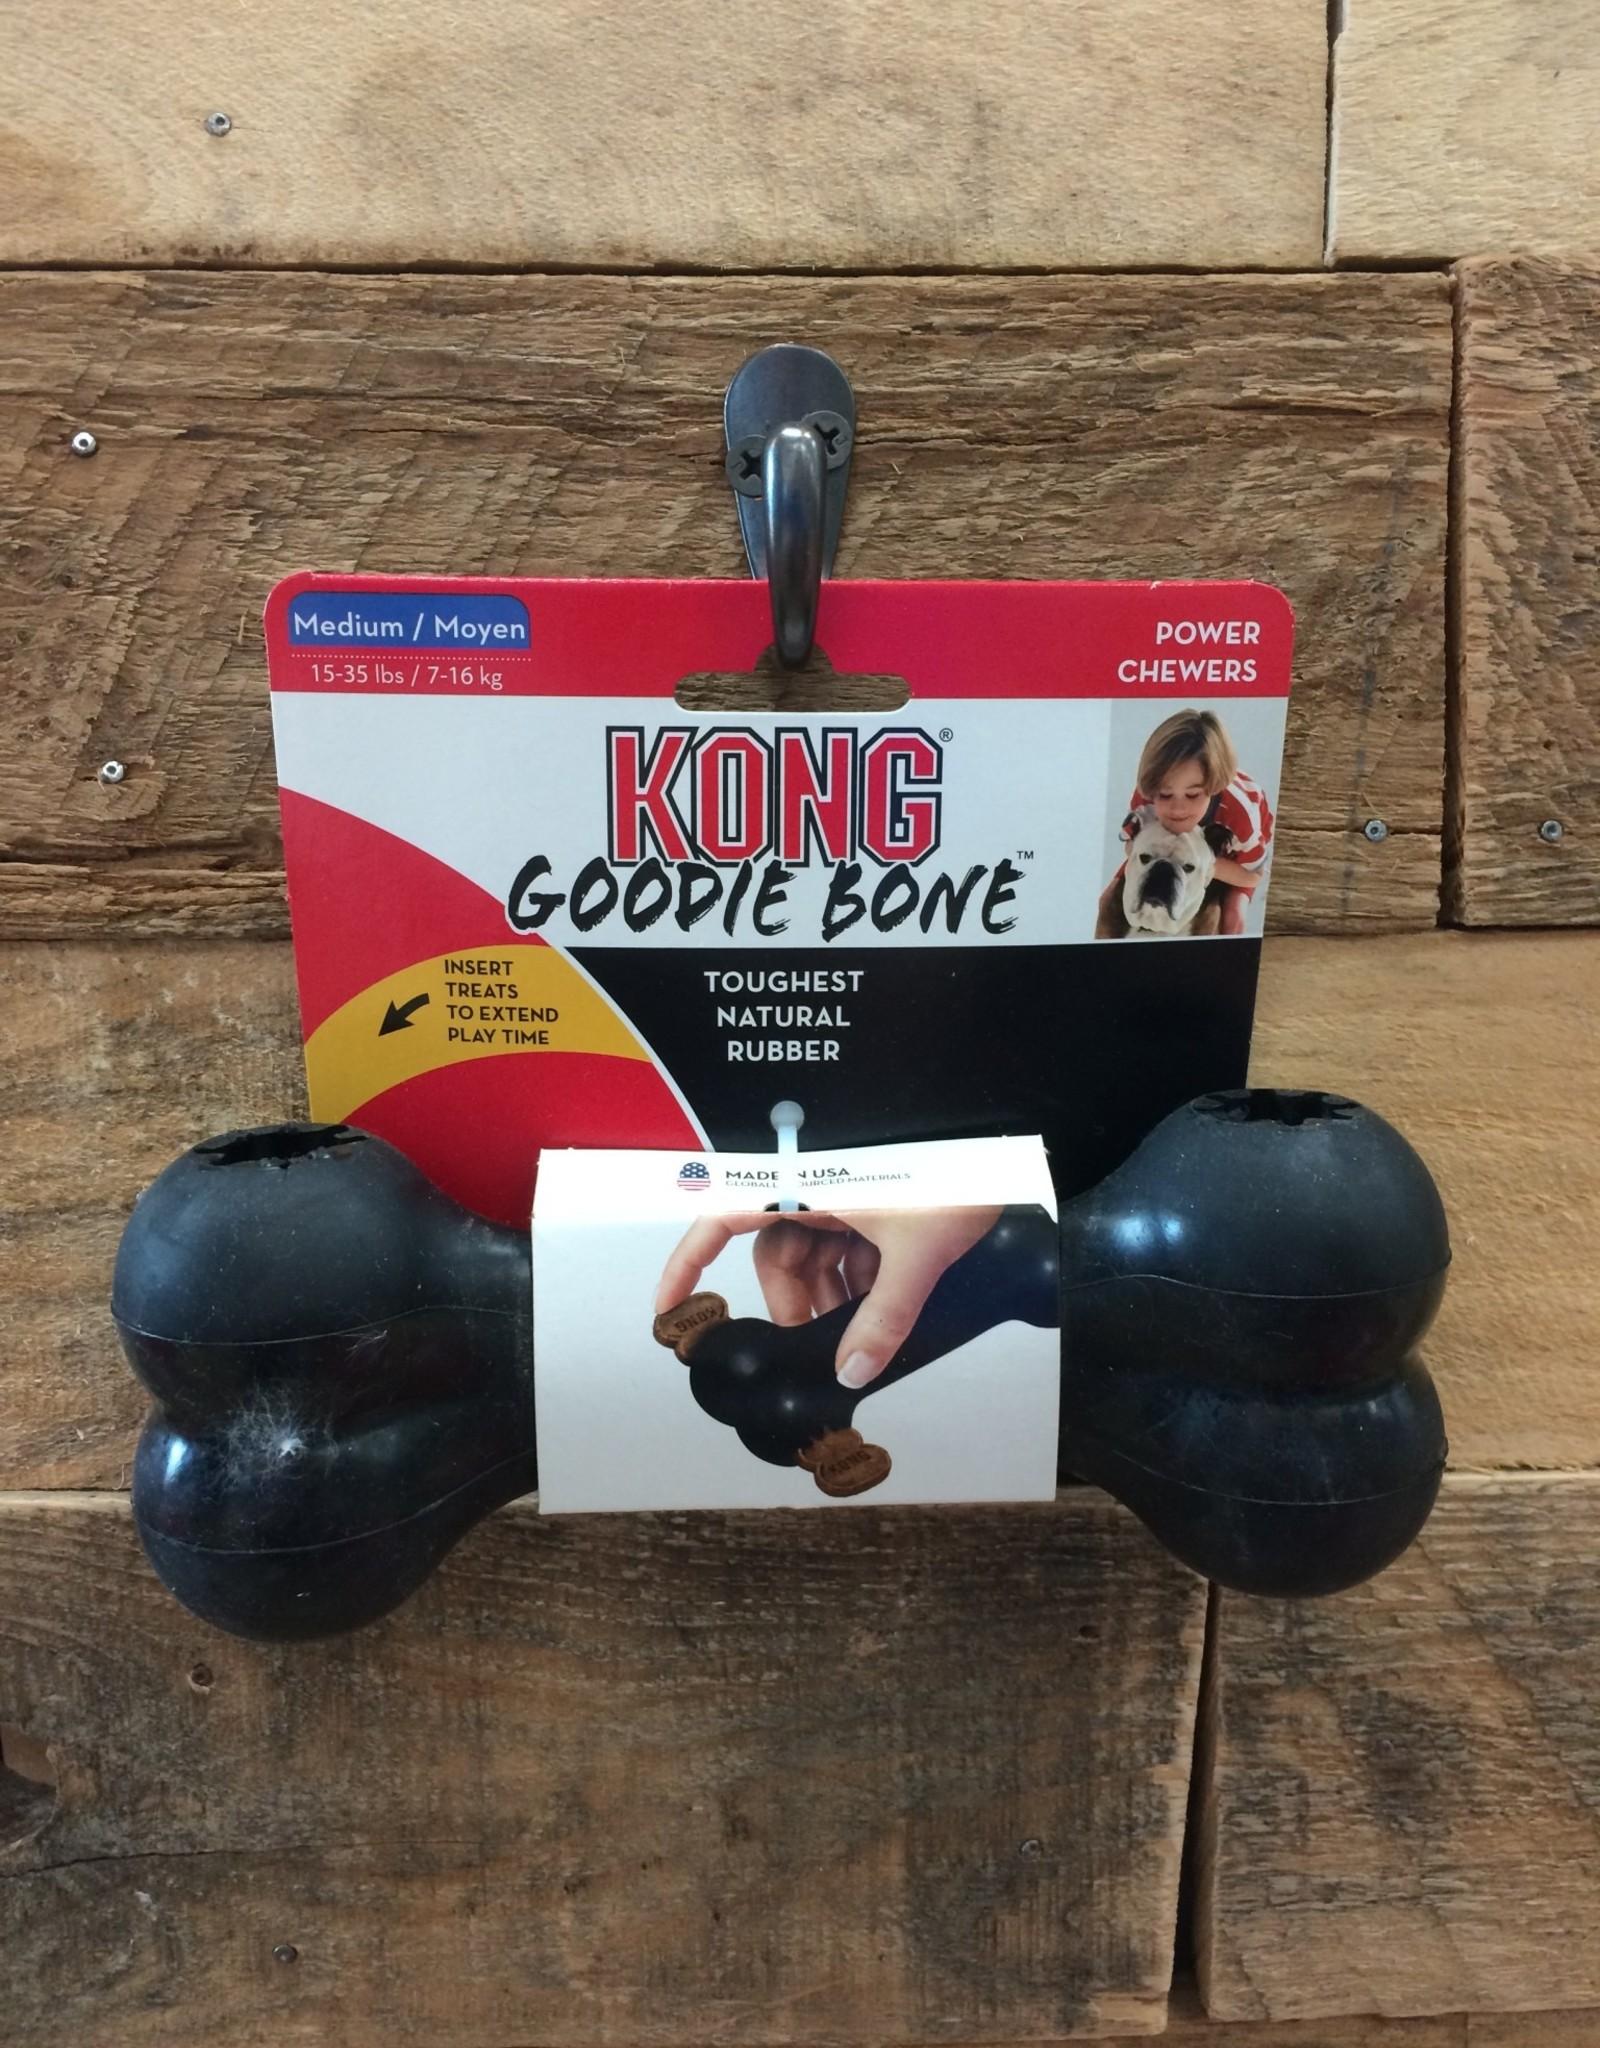 Kong Exrteme GOODIE BONE Made In USA